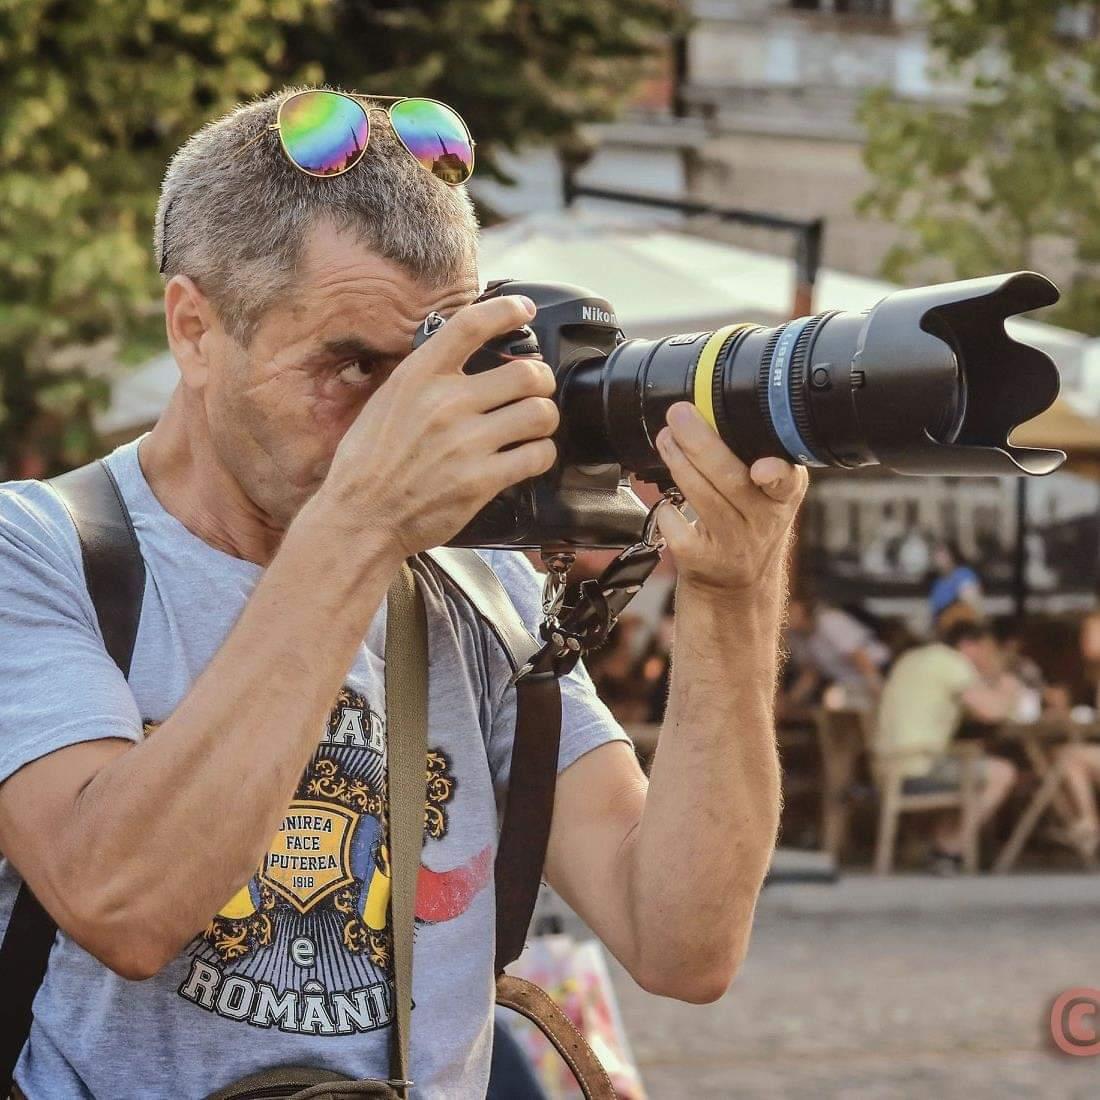 Un fotojurnalist – candidat la alegerile parlamentare, provoacă liderii politici: Să procedeze cum am făcut eu